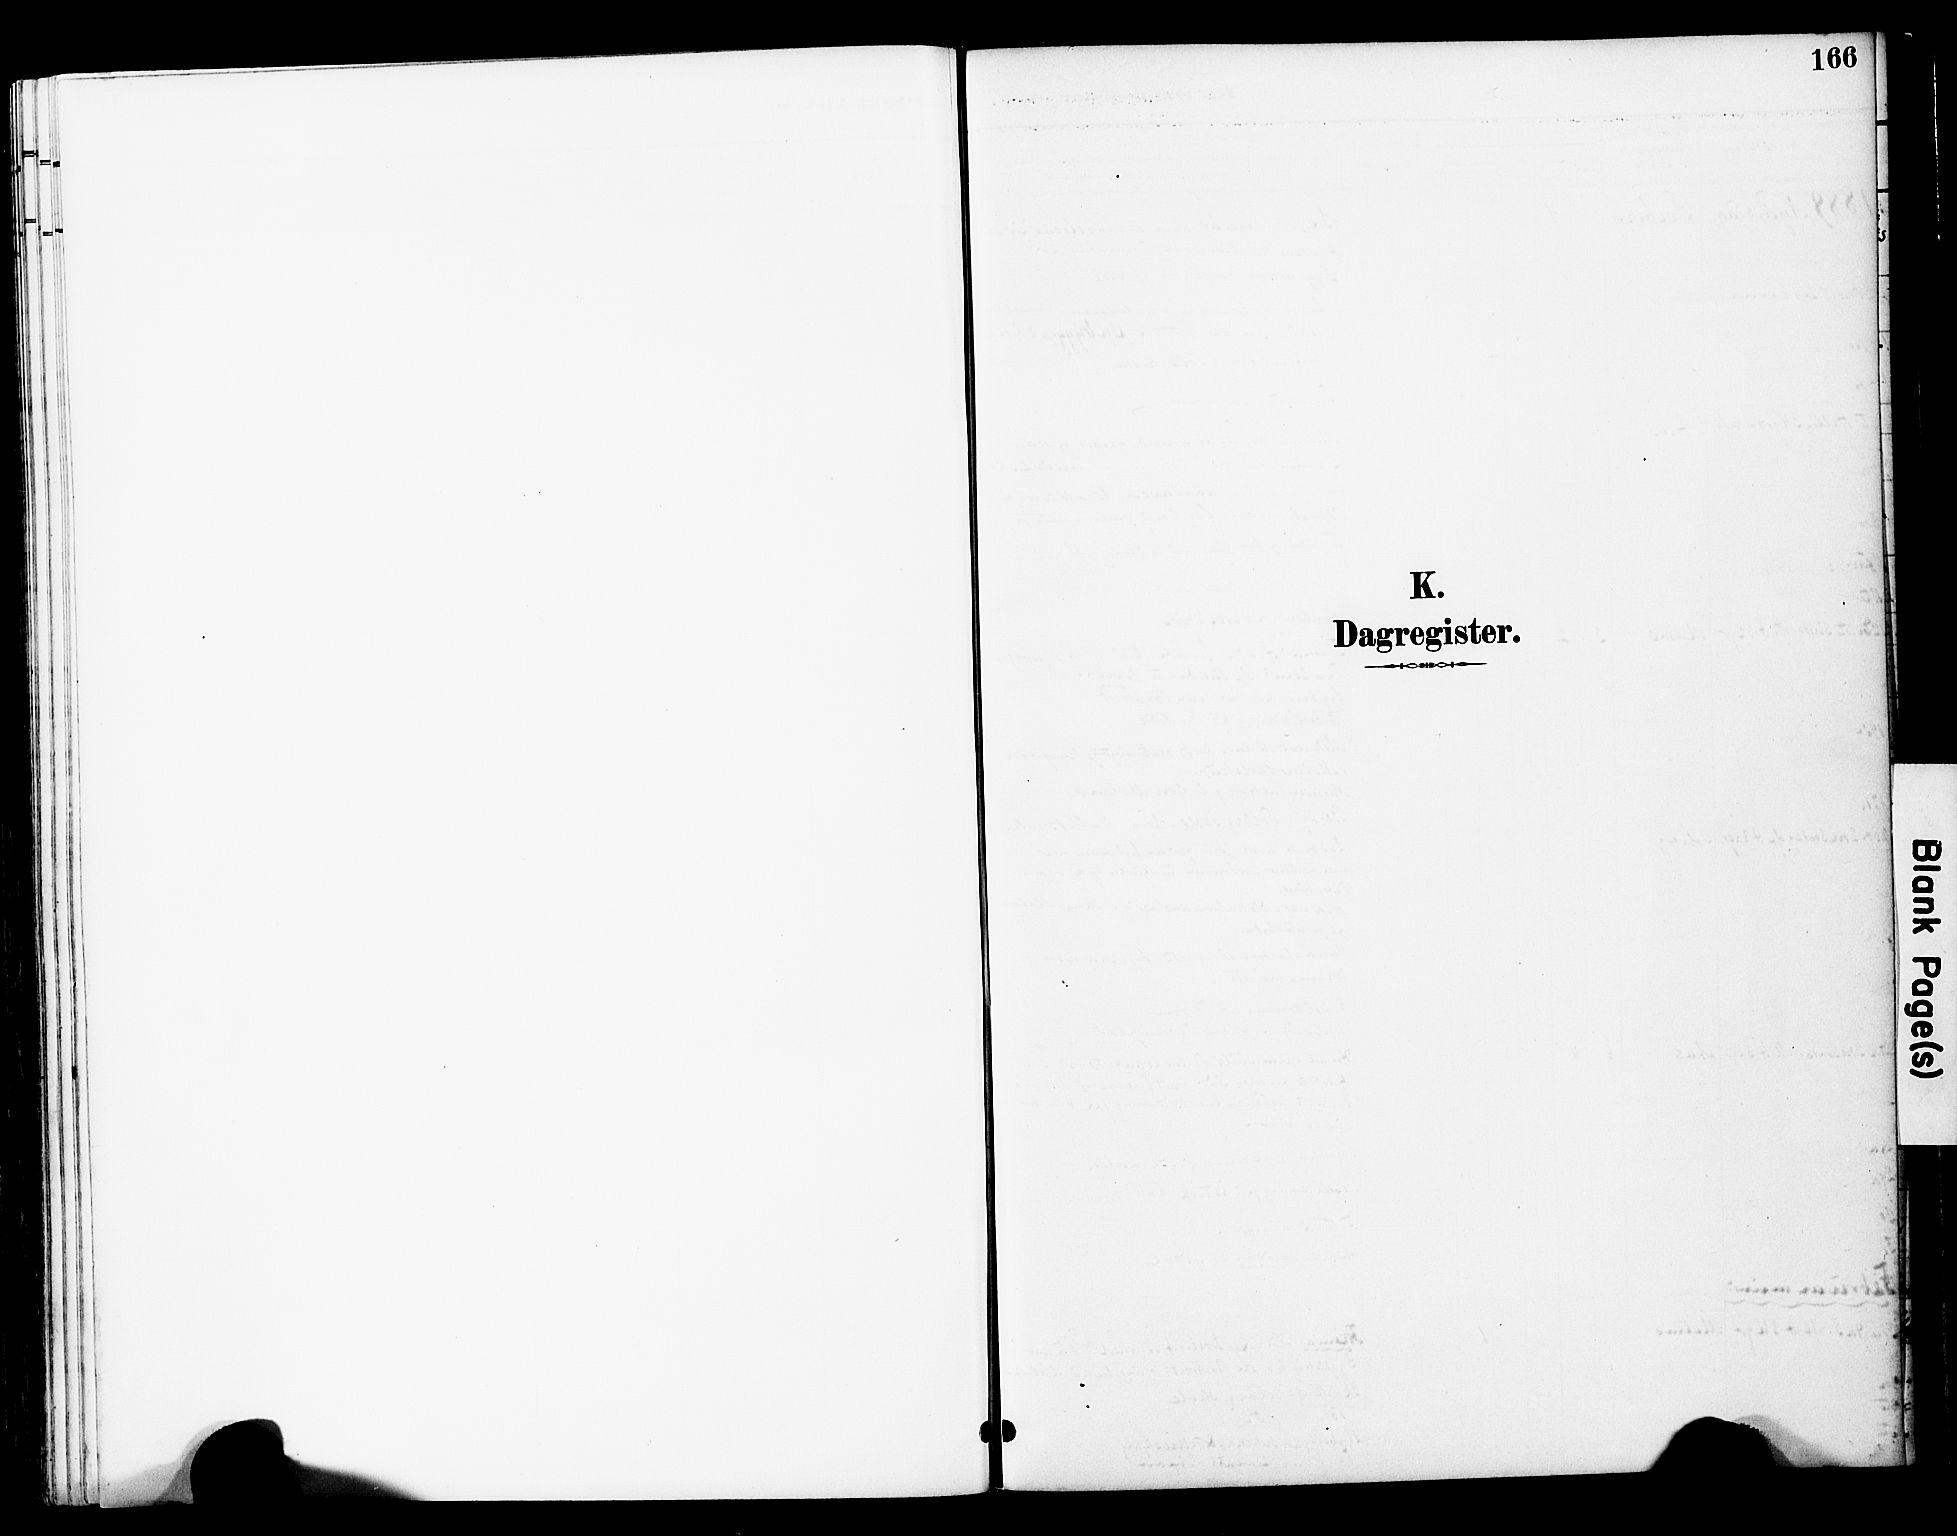 SAT, Ministerialprotokoller, klokkerbøker og fødselsregistre - Nord-Trøndelag, 741/L0396: Ministerialbok nr. 741A10, 1889-1901, s. 166